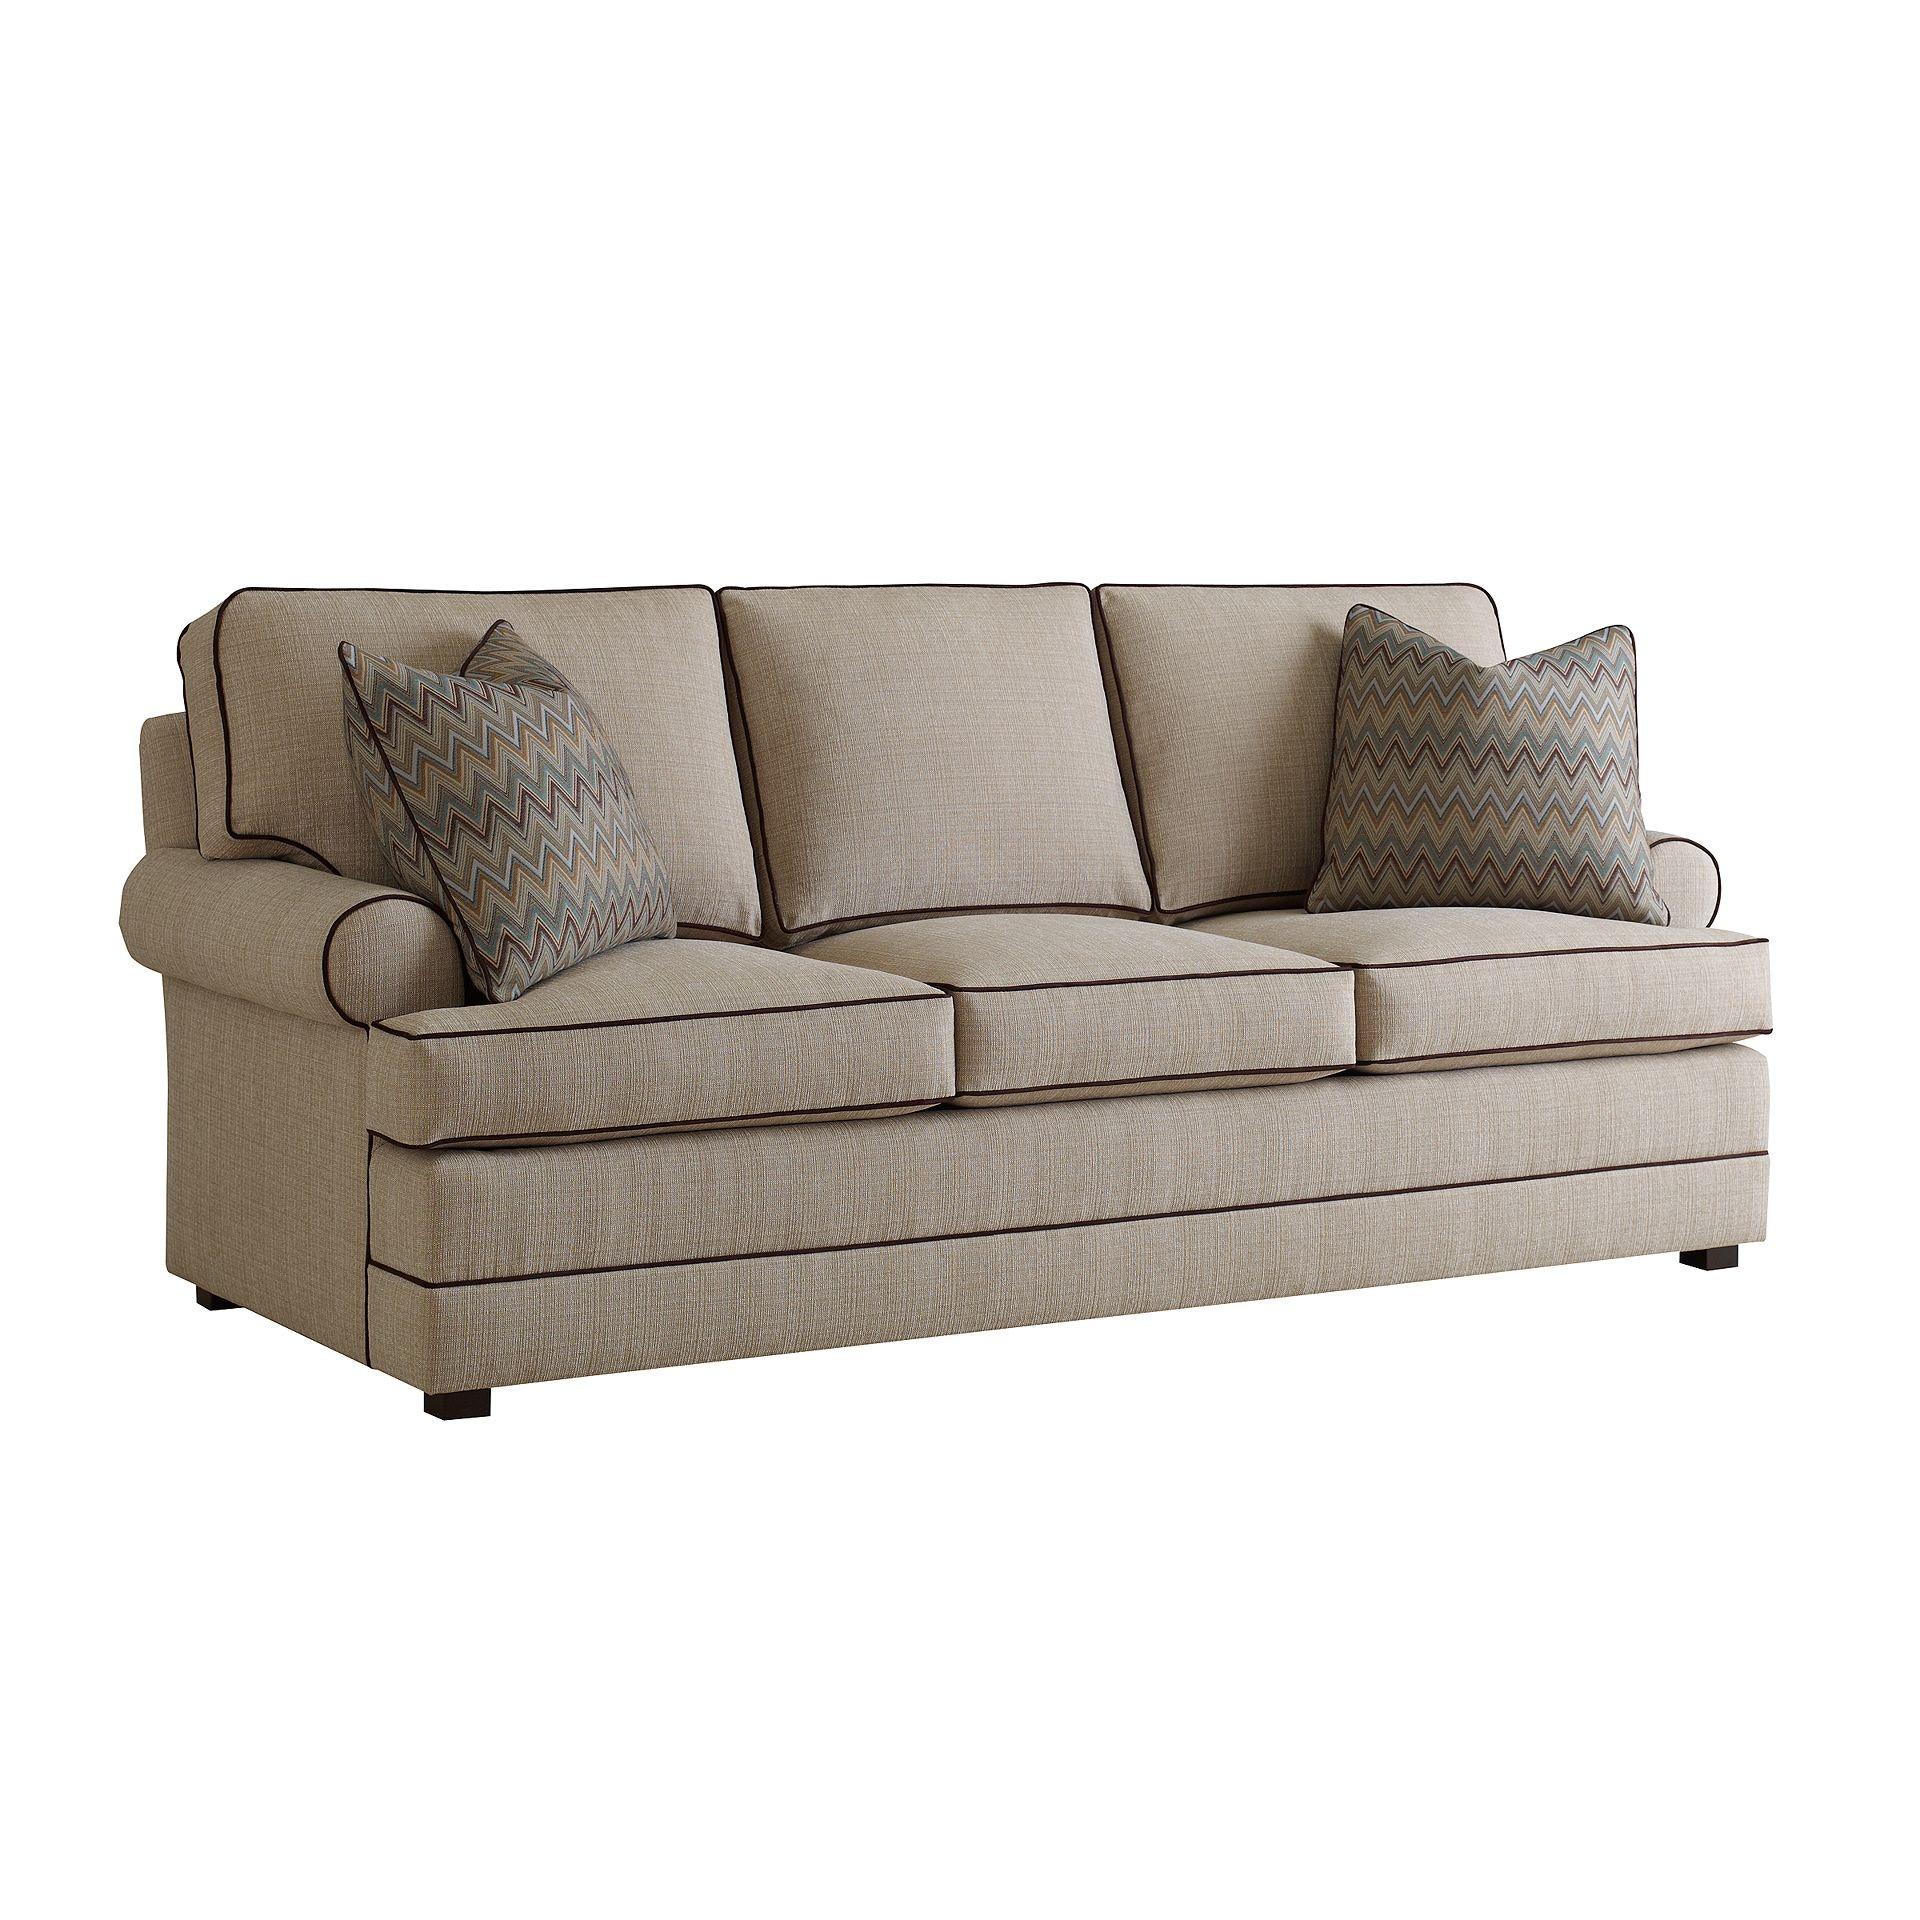 Henredon Furniture Fireside Custom Upholstery Fireside Sofa H1000 C